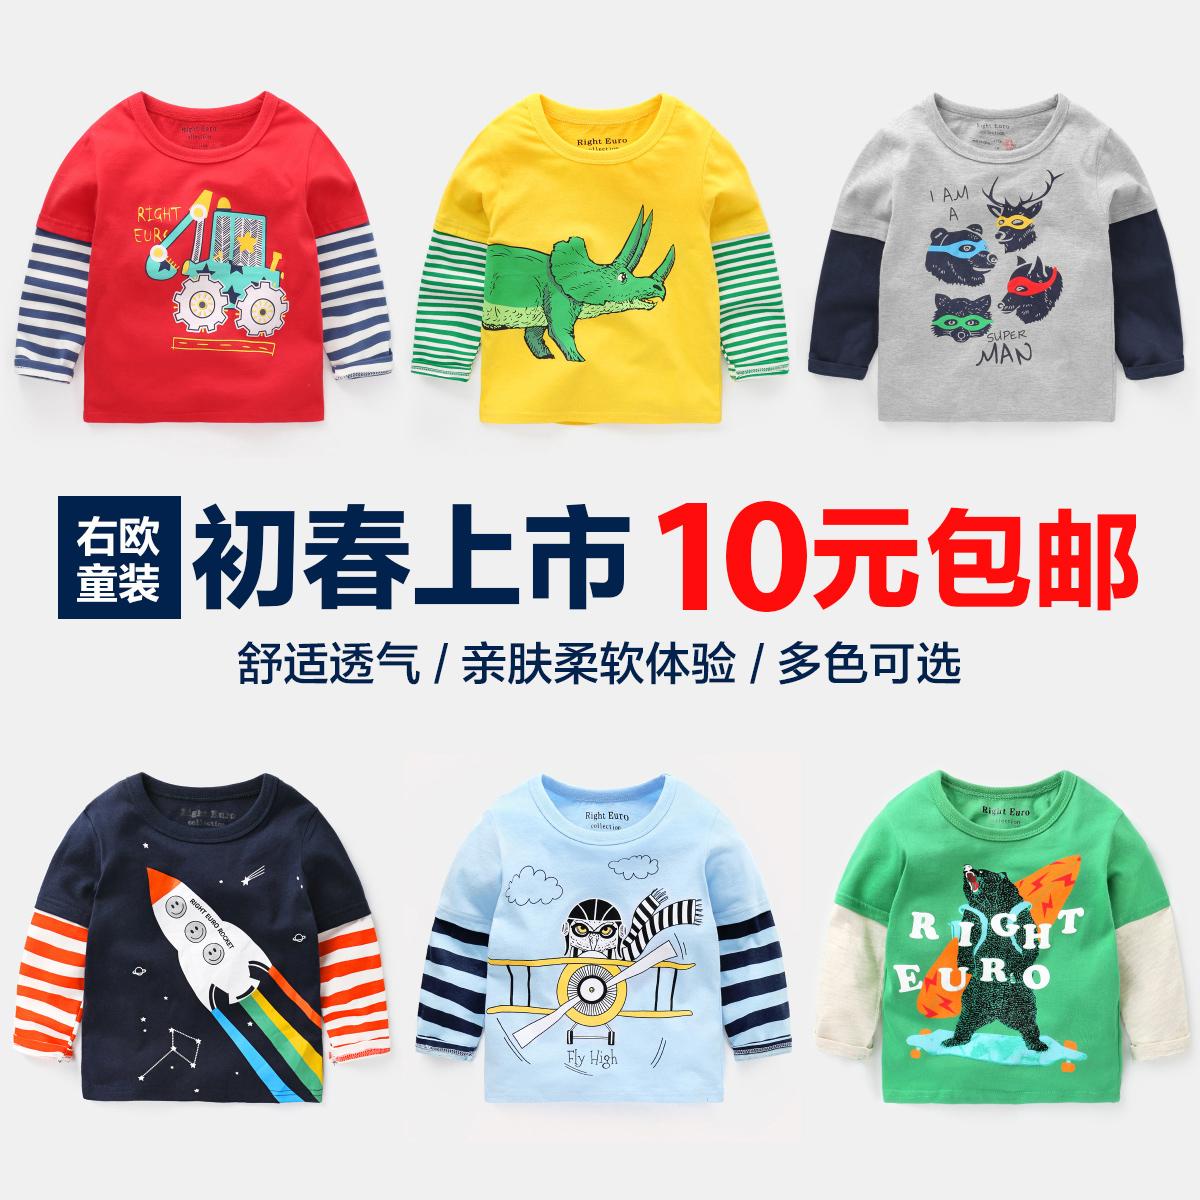 男童长袖T恤纯棉打底衫春装春秋童装儿童宝宝上衣小童0婴儿潮女童